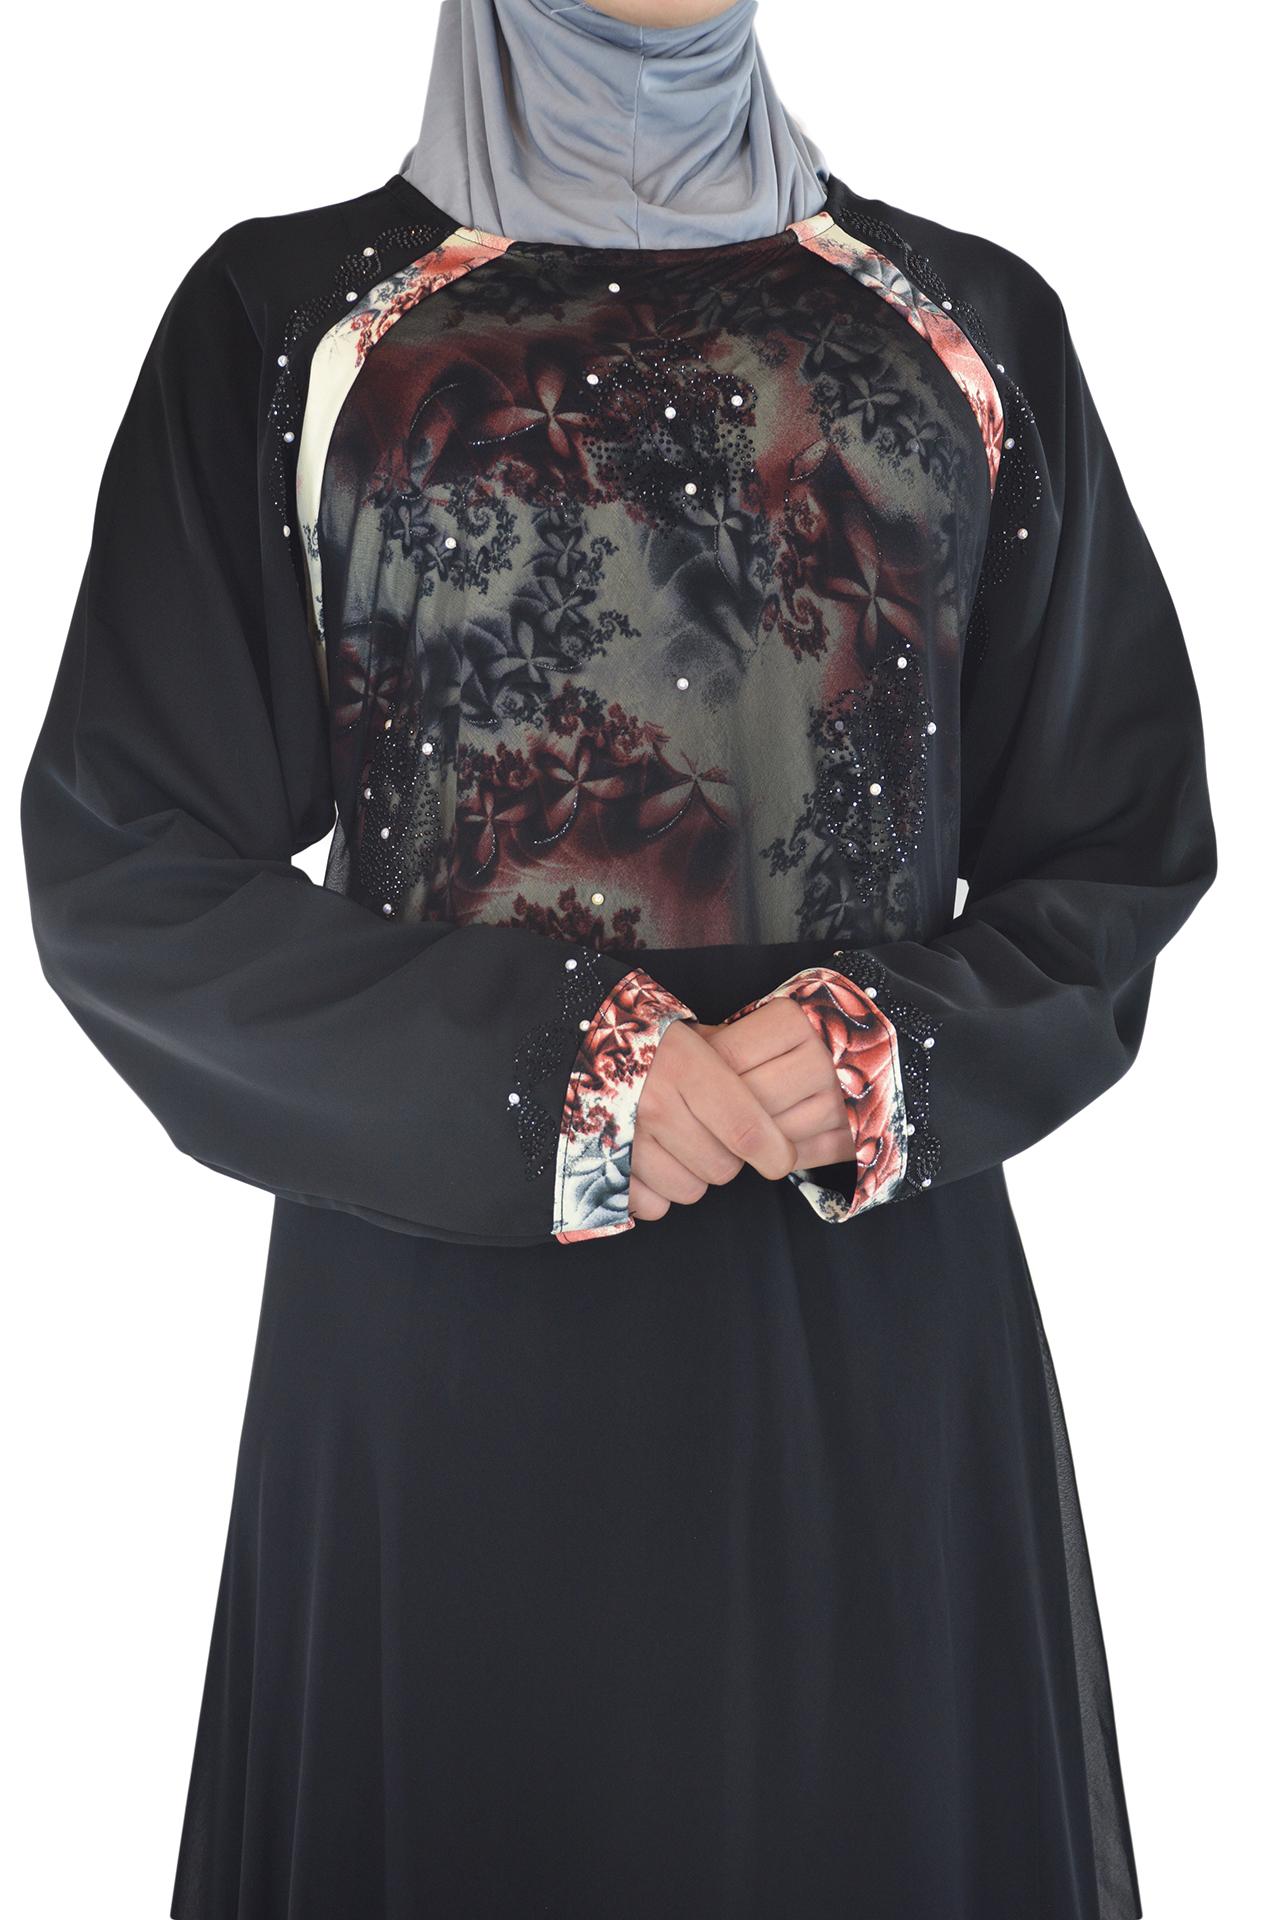 Nousha - Black and Tan Chic Abaya Close up